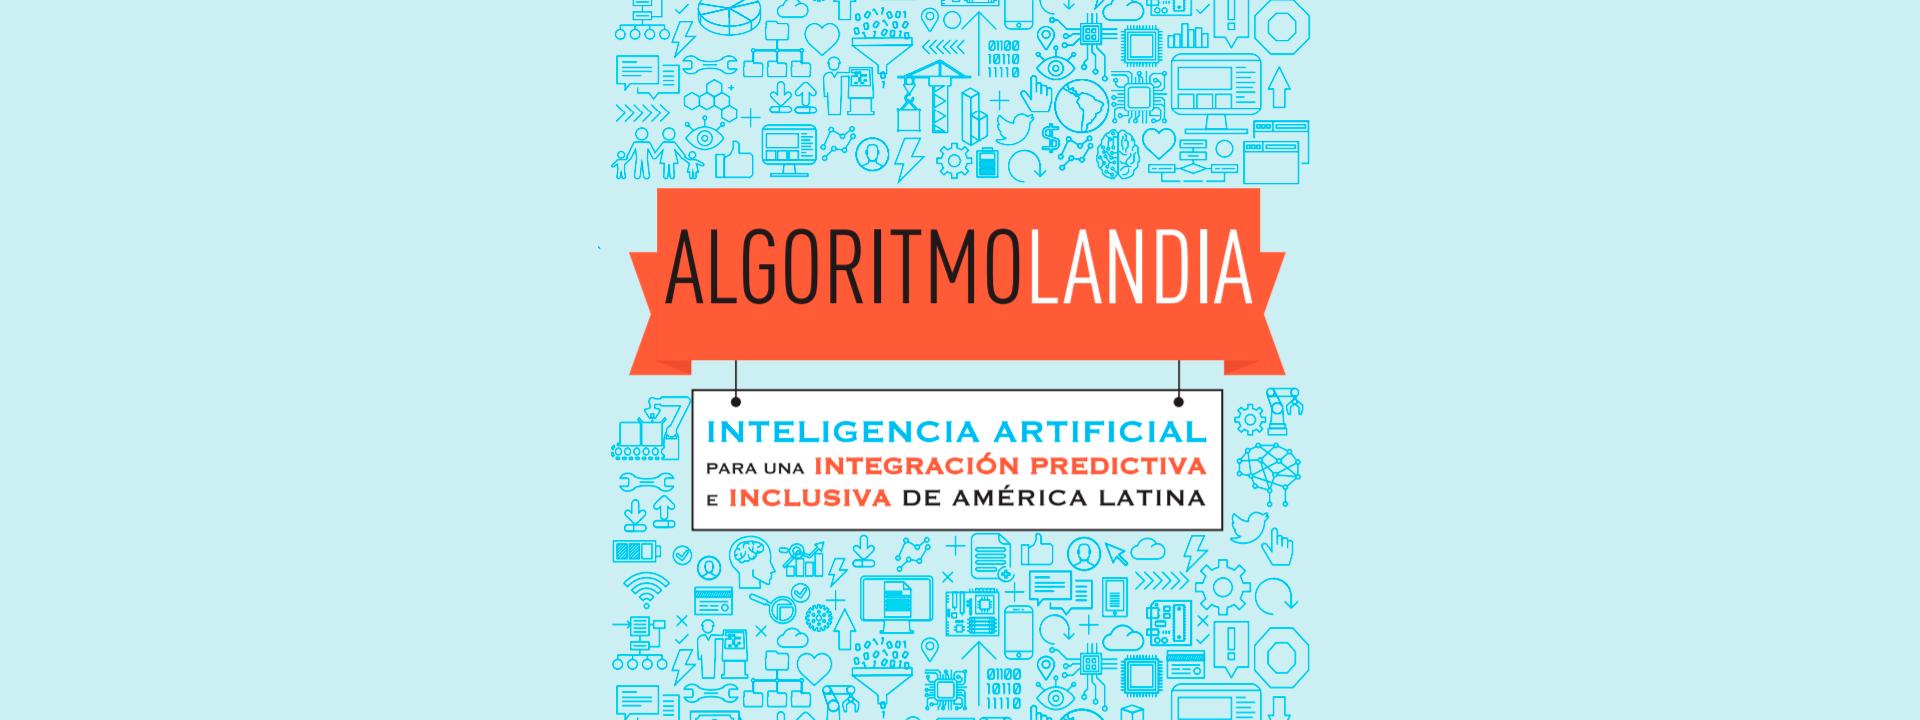 Algoritmolandia